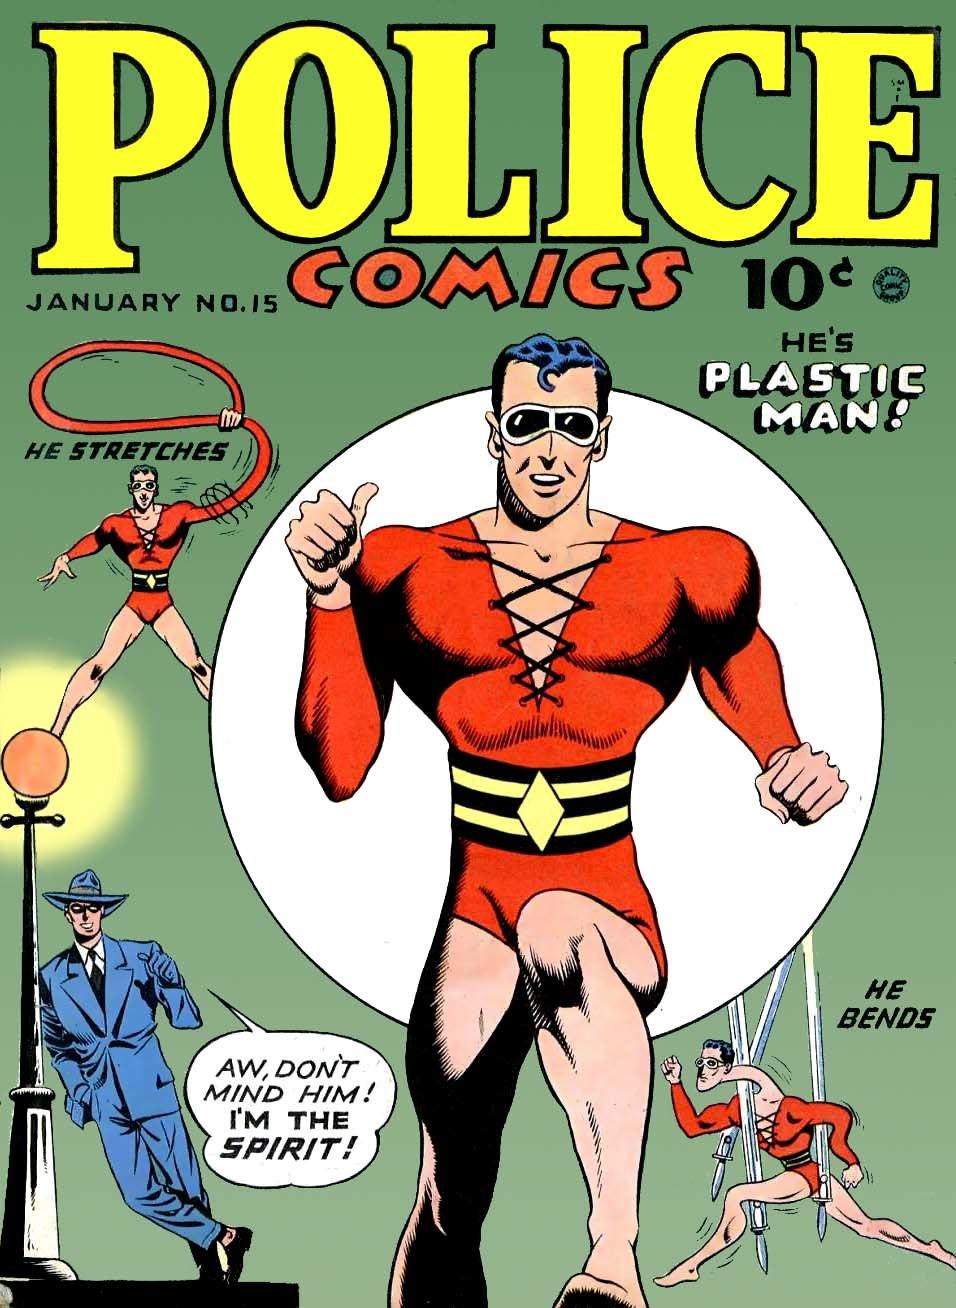 PoliceComicNo15